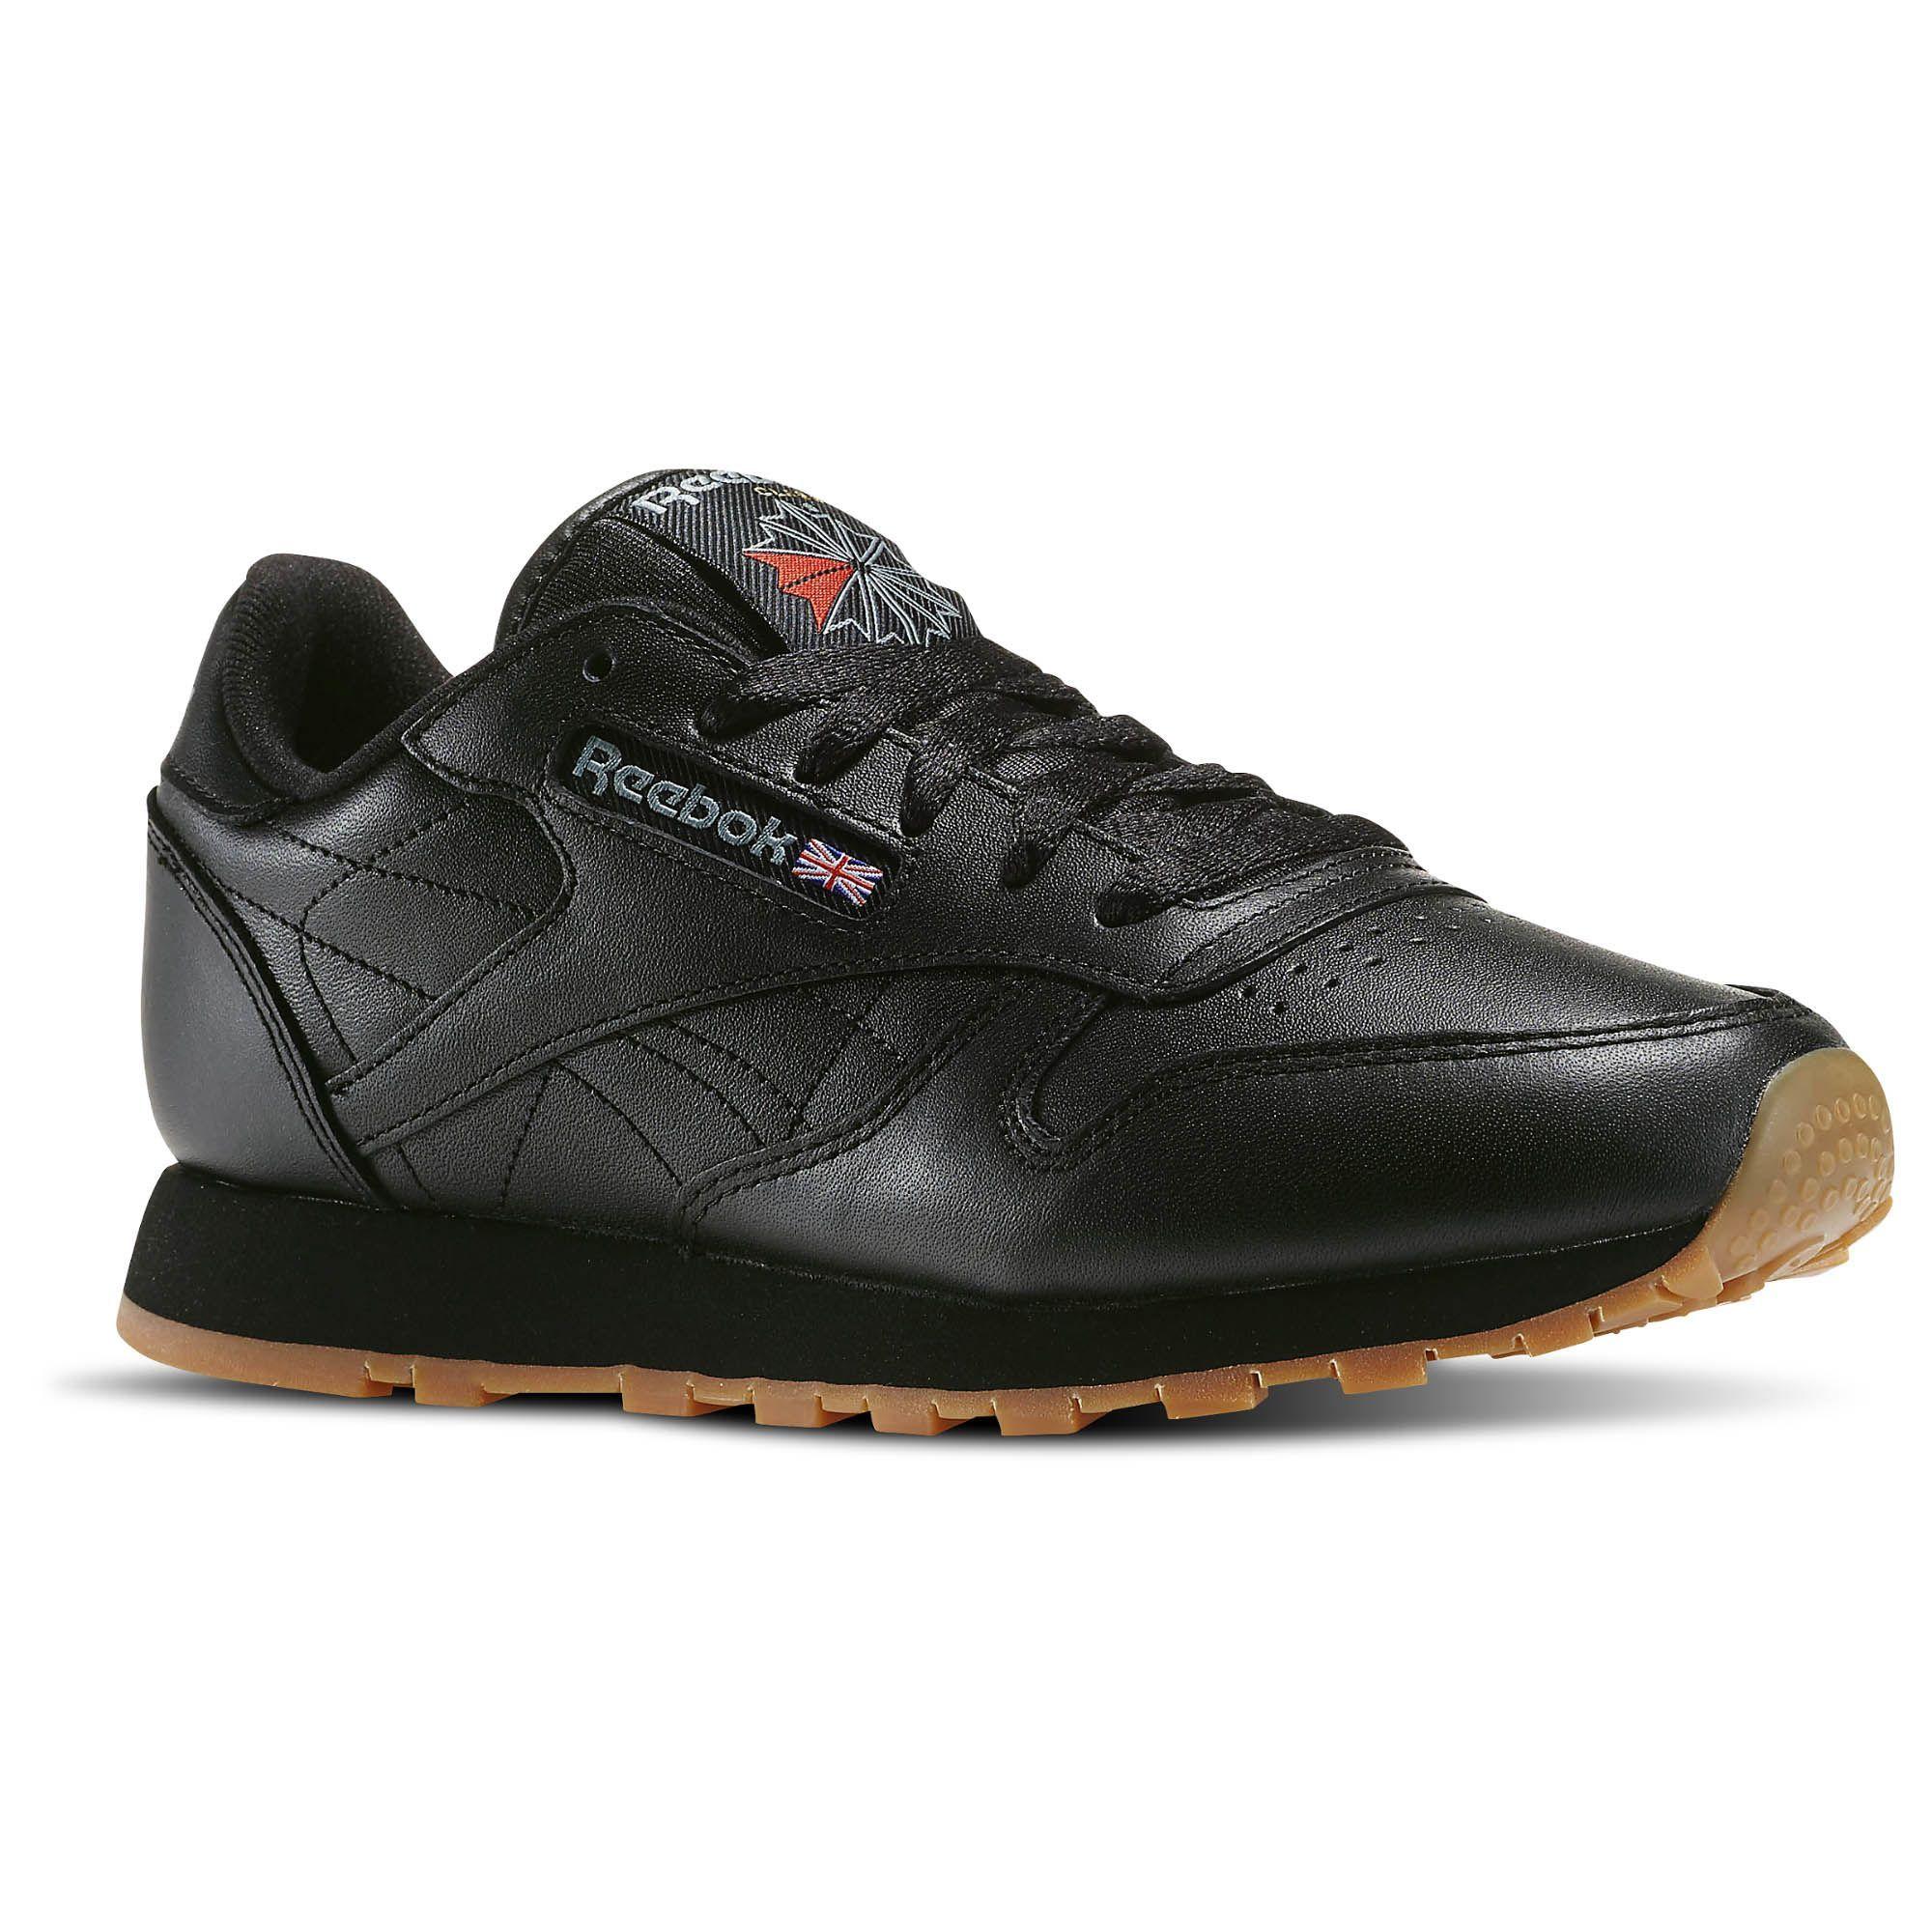 Reebok Classique Casual Chaussures Noires Femmes Pntub